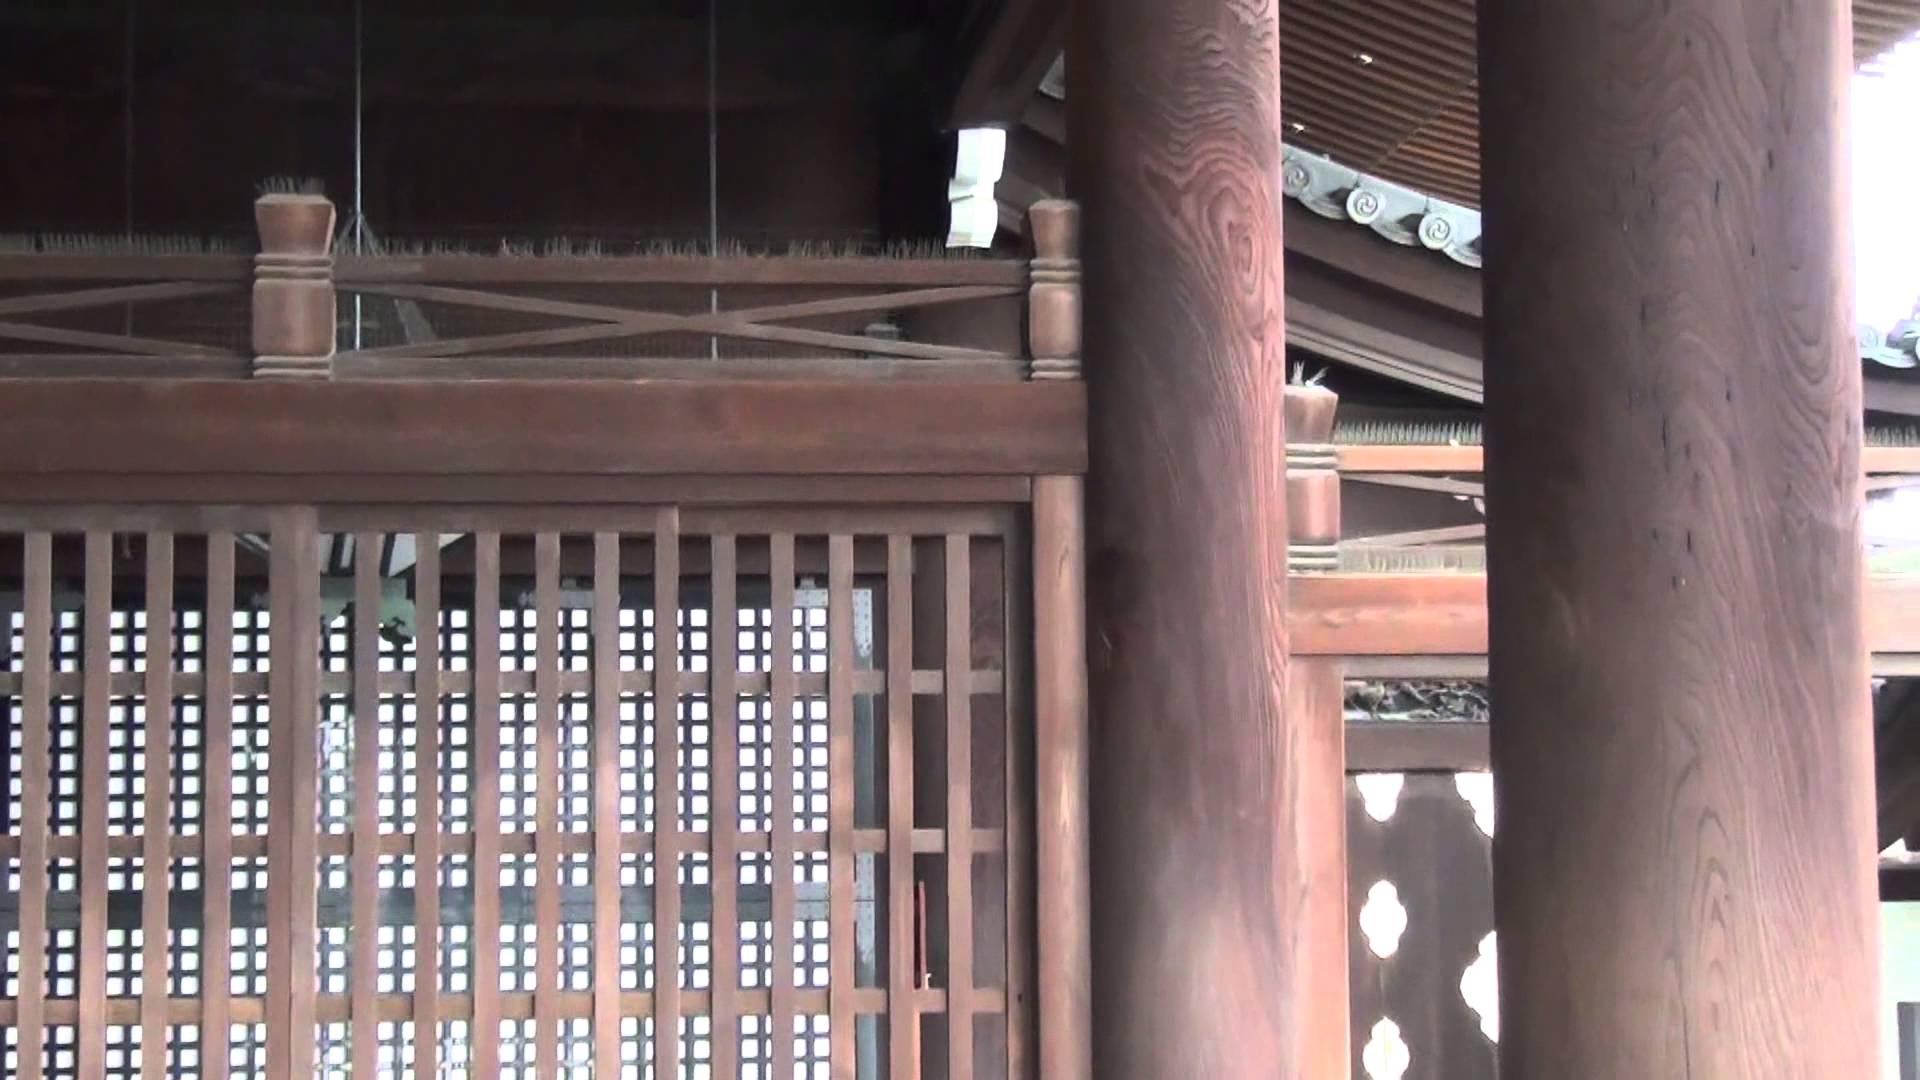 東本願寺編2 「高廊下」を歴史を感じながら歩く